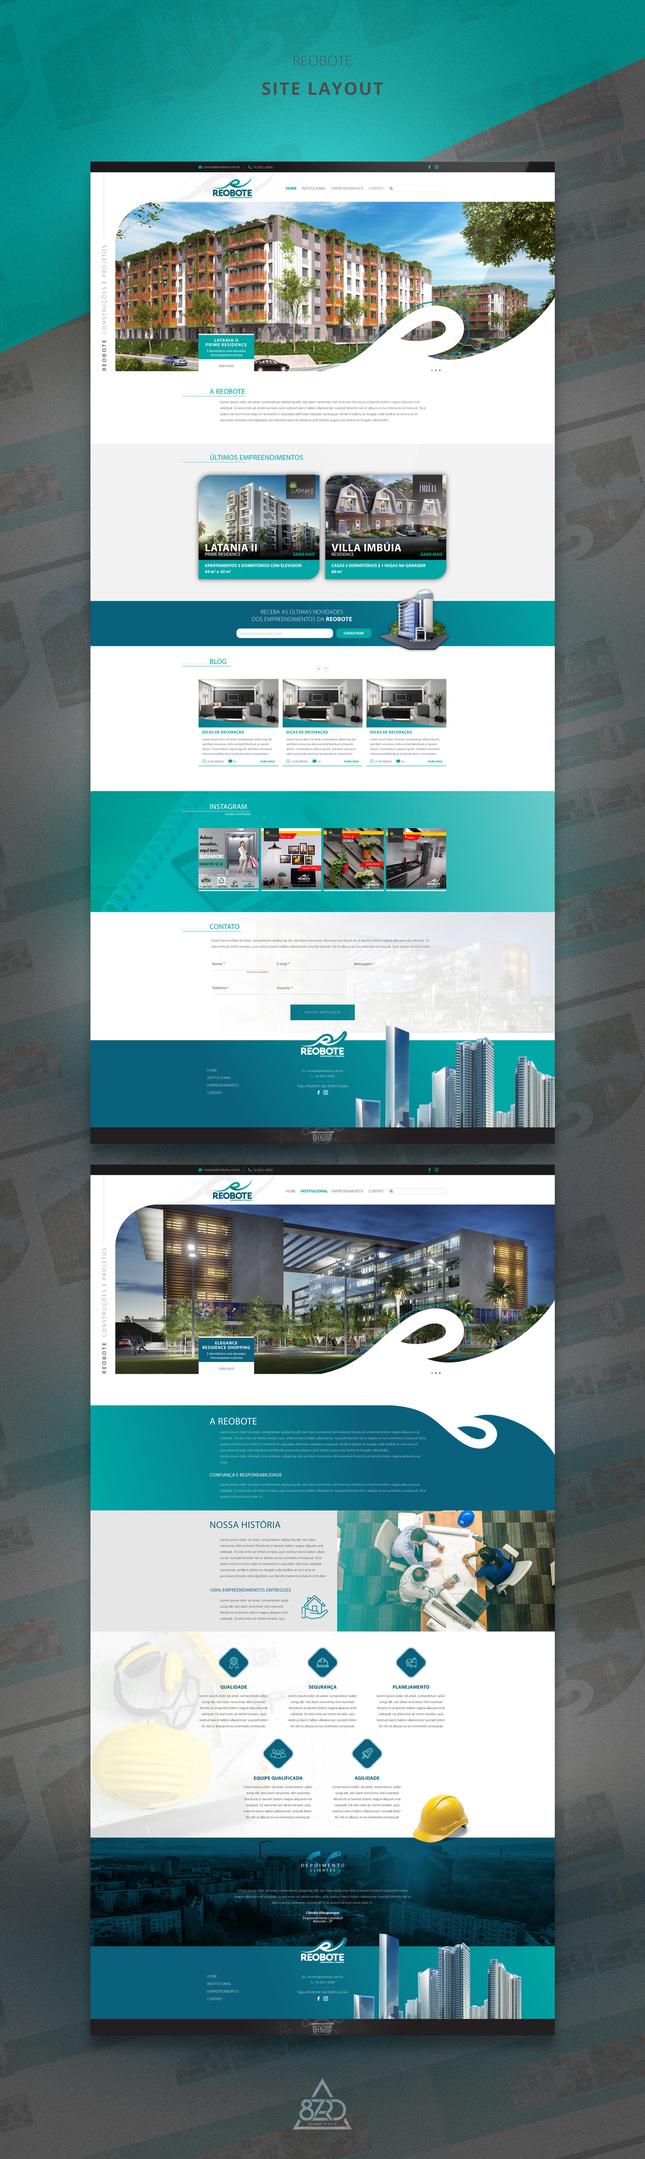 www.construtorareobote.com.br